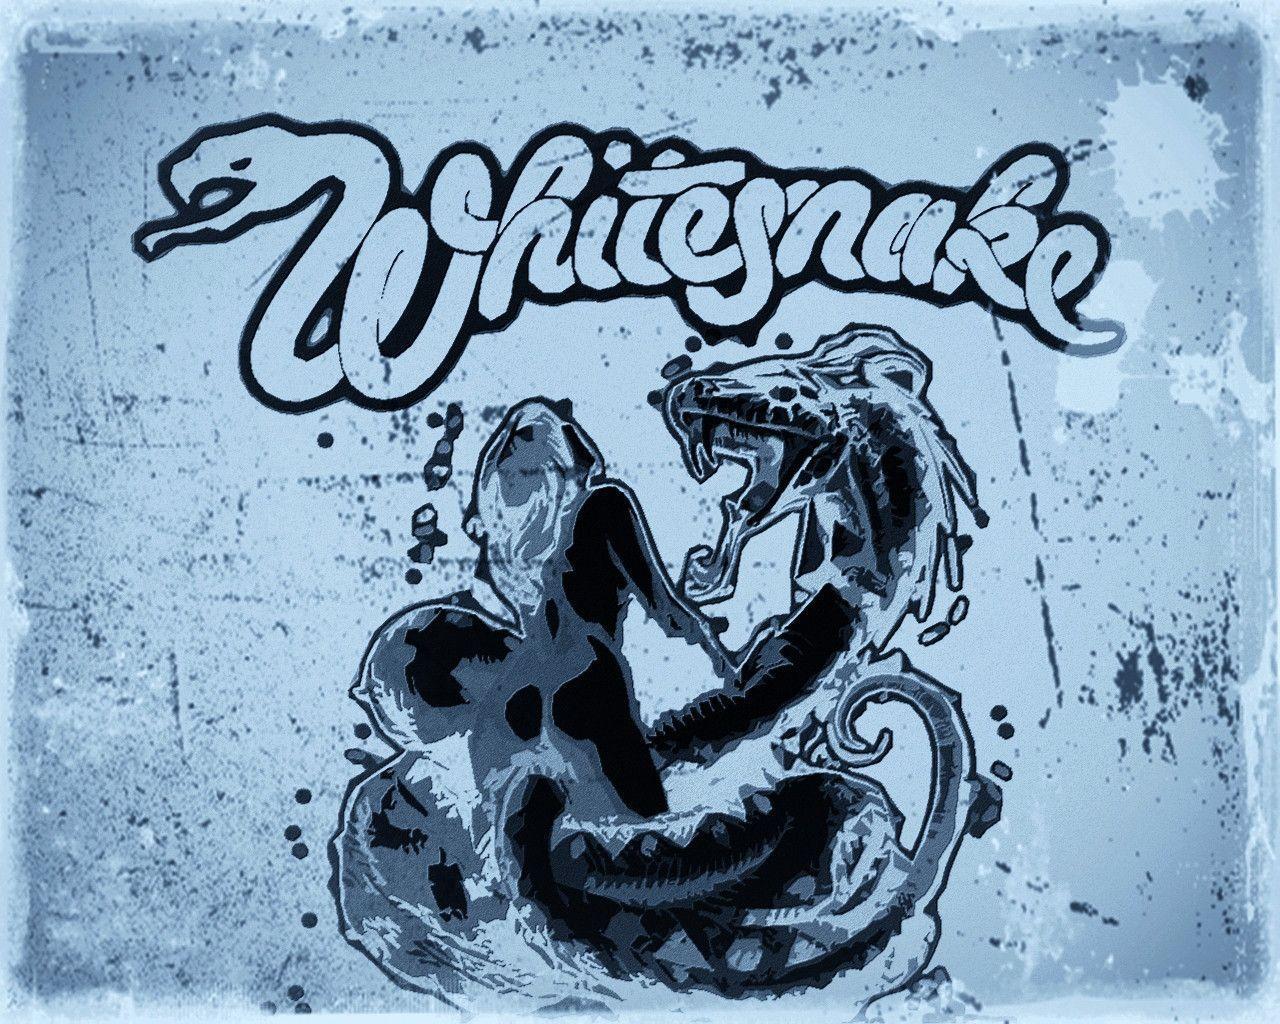 Whitesnake Wallpapers 1280x1024